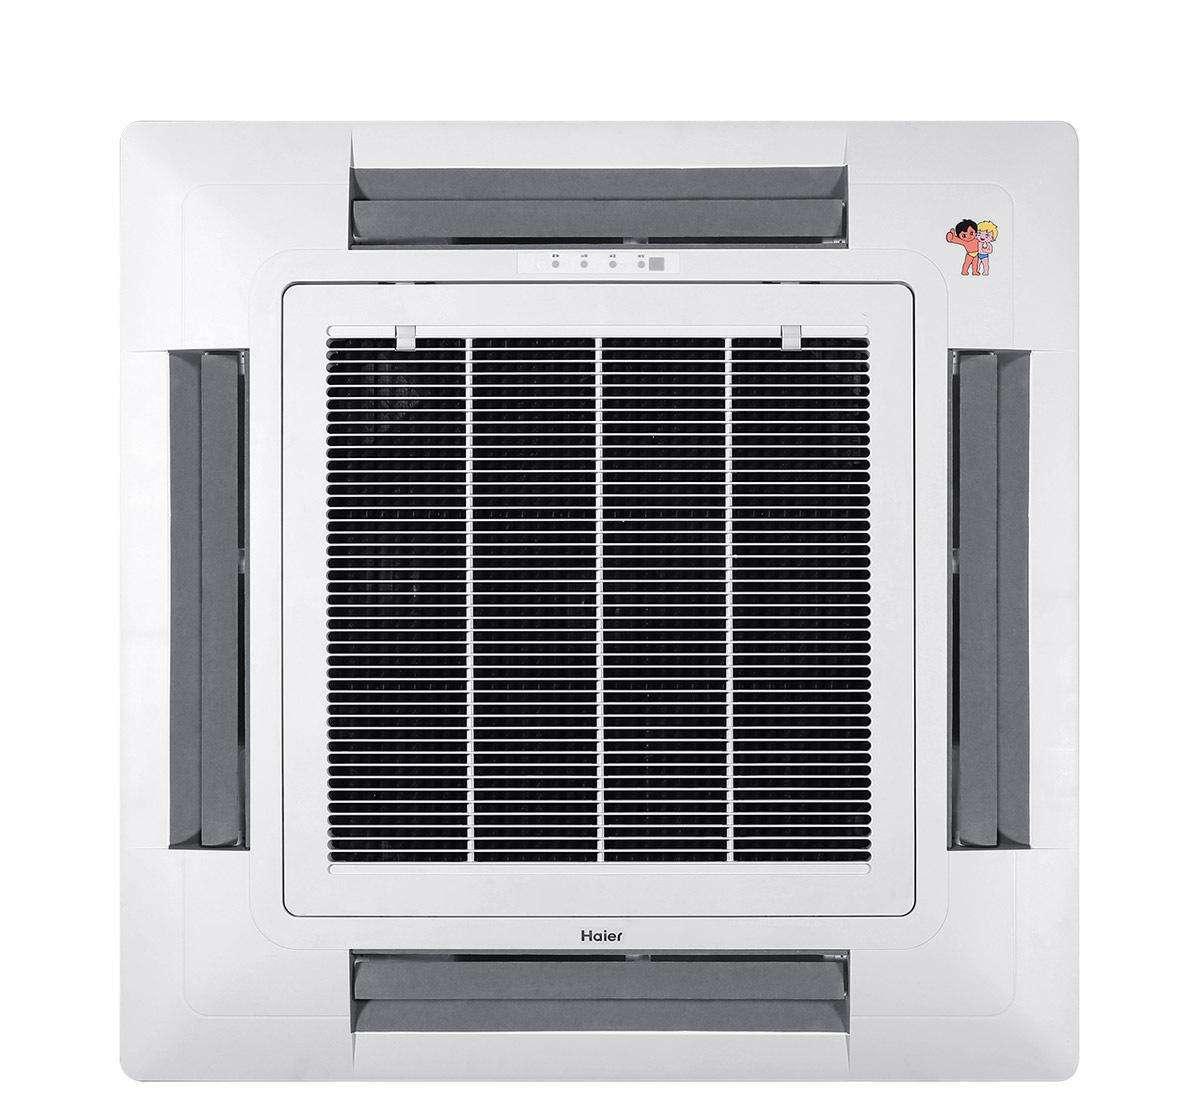 空调售后维修技师教您如何维护空调?